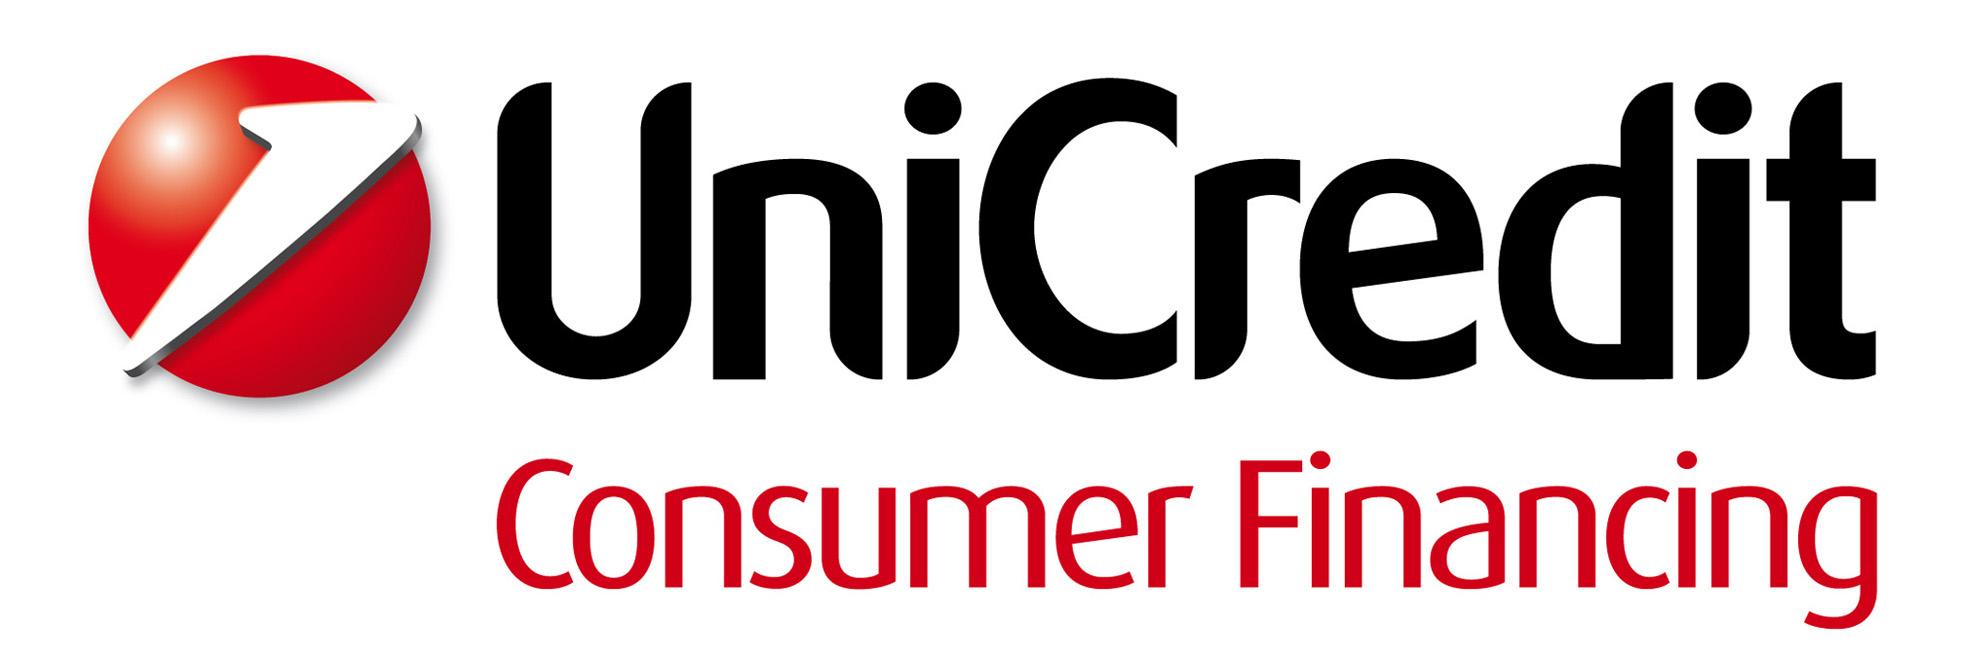 Покупка на лизинг с Unicredit | KARCHER - КЕРКЛИИН, Вашият КЕРХЕР ...